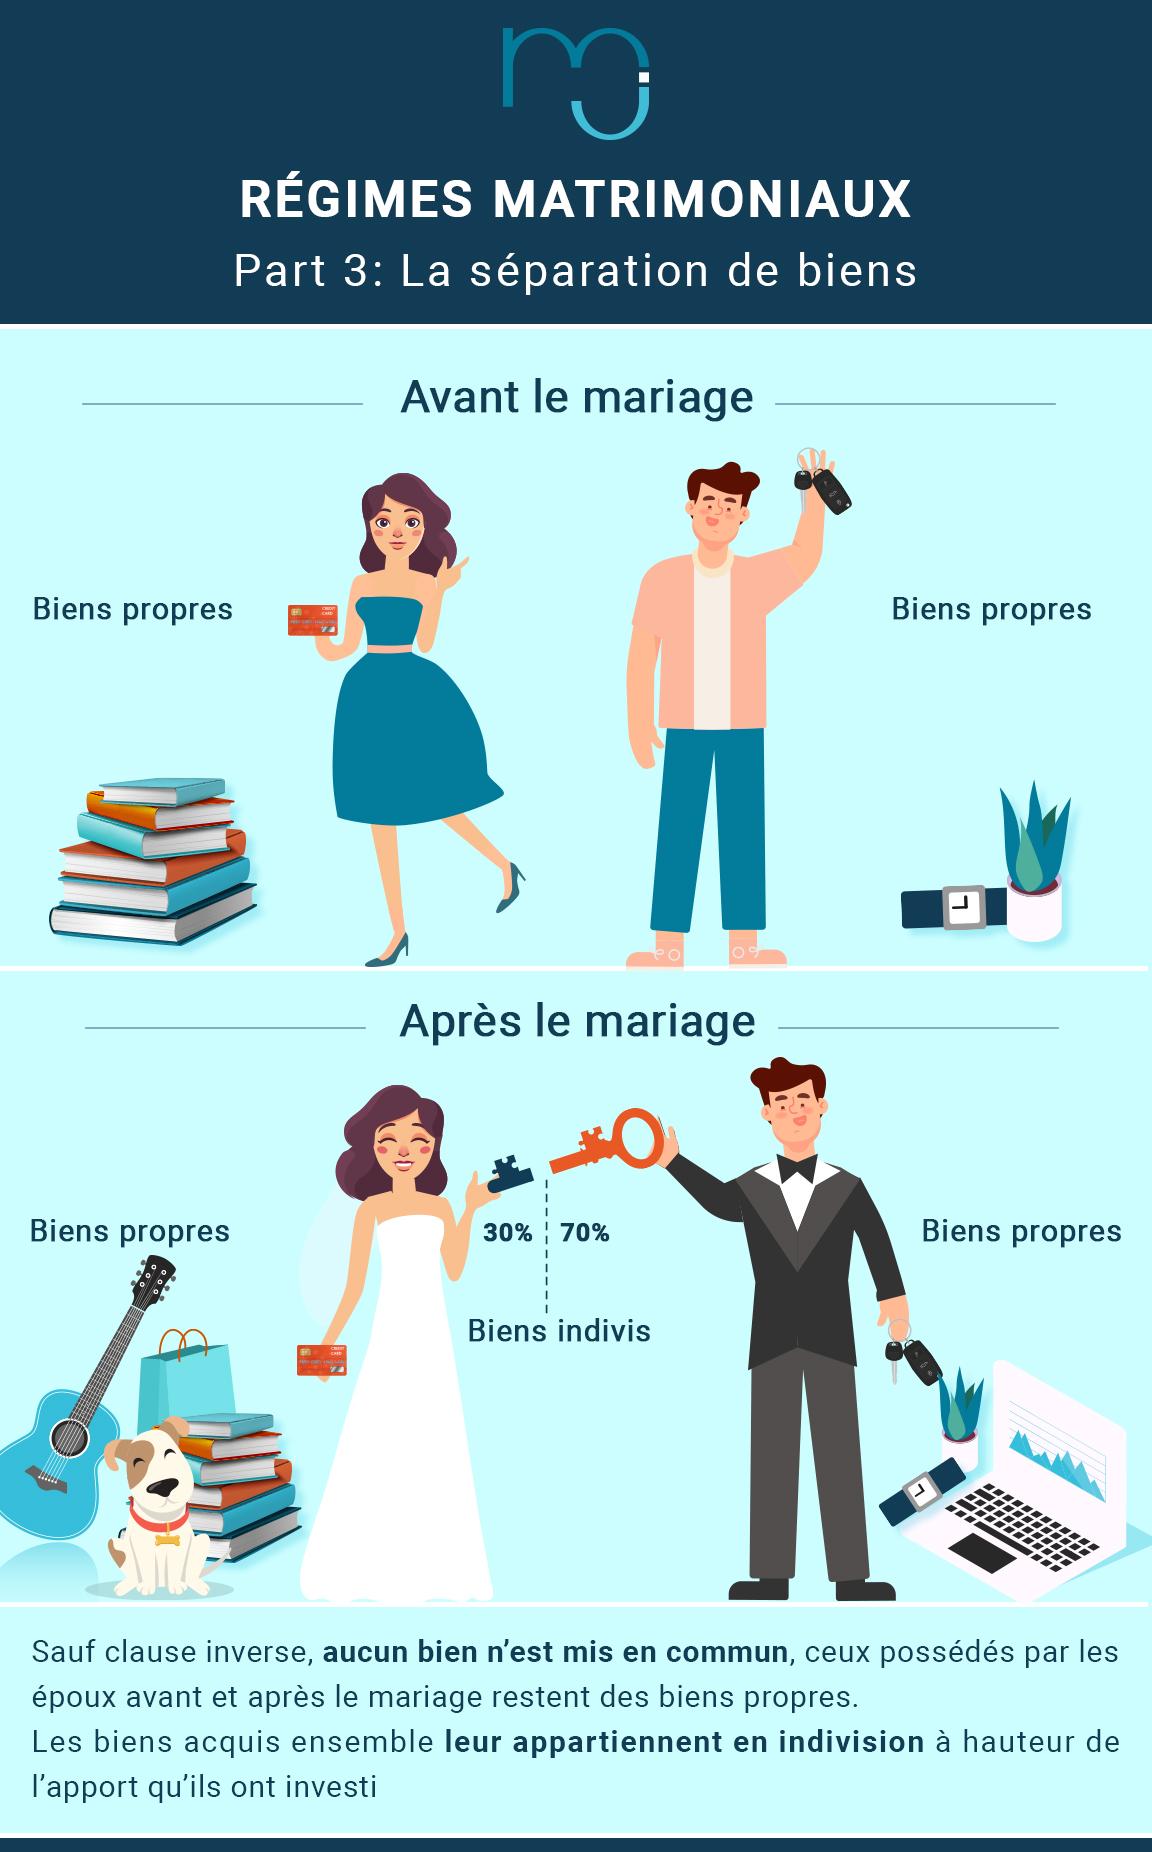 regimes_matrimoniaux_separation_de_biens.jpg